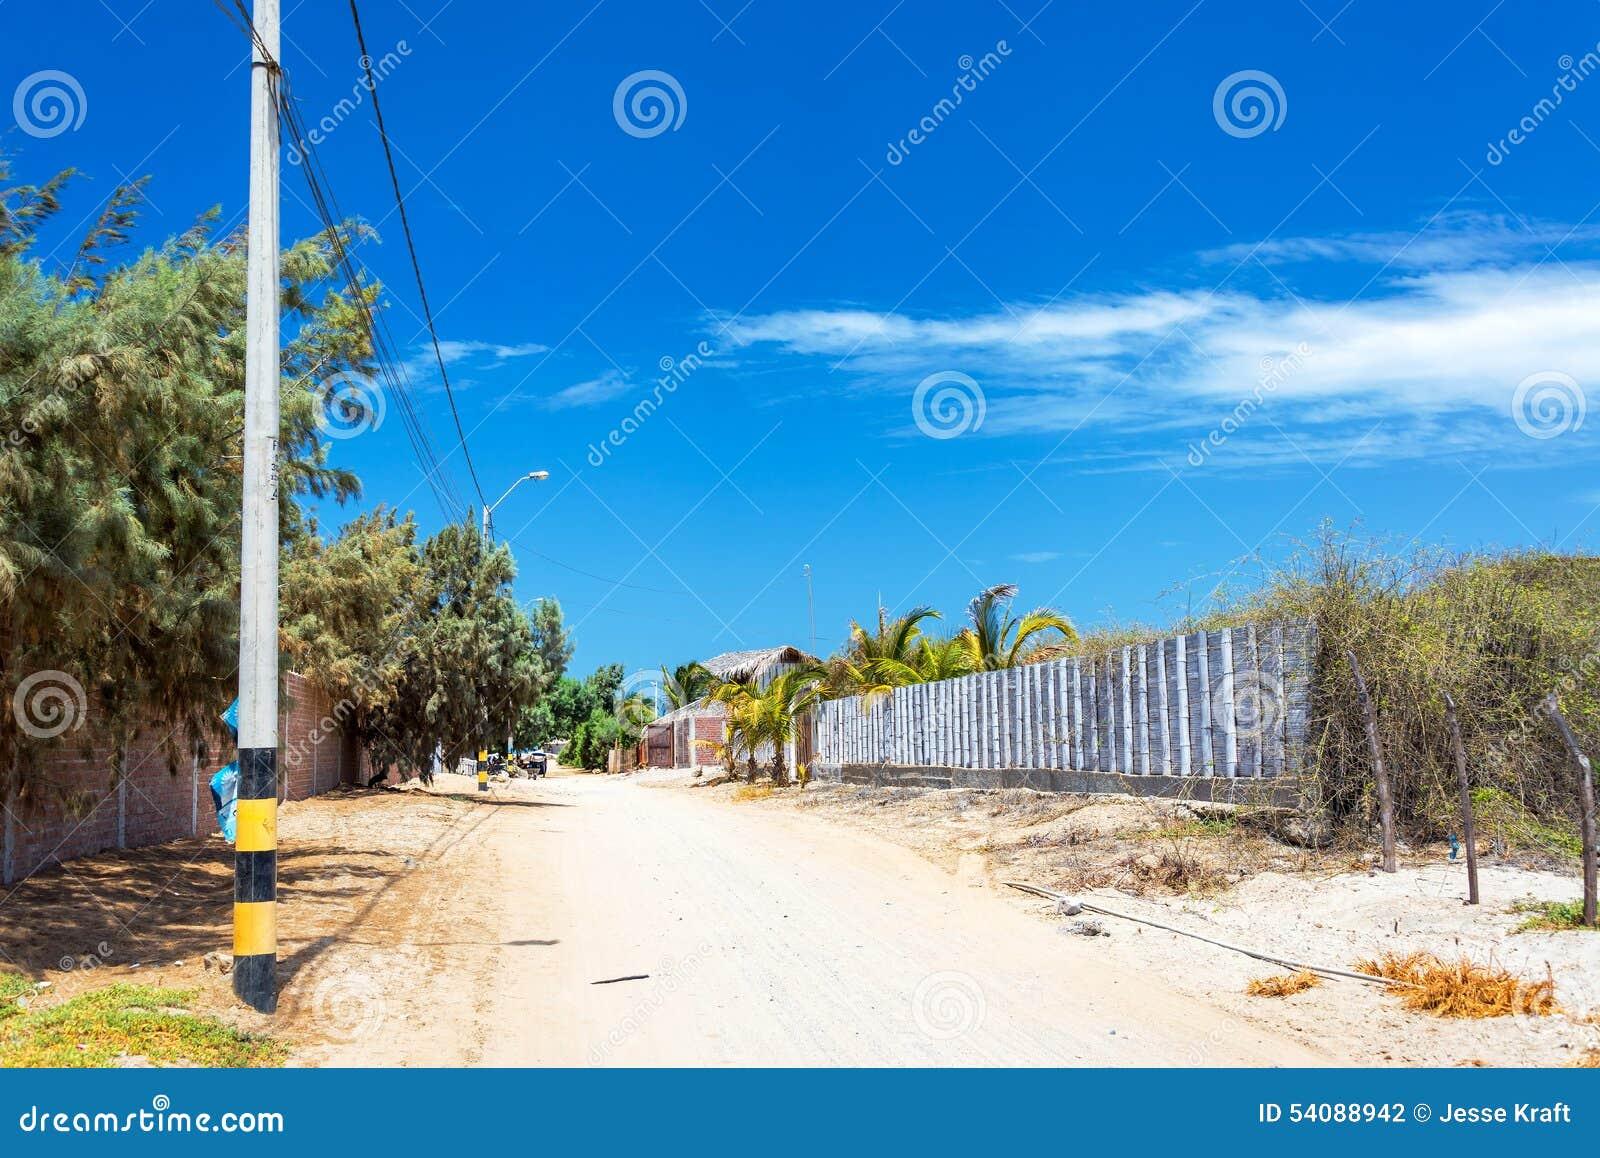 Sandy Road in Mancora, Peru